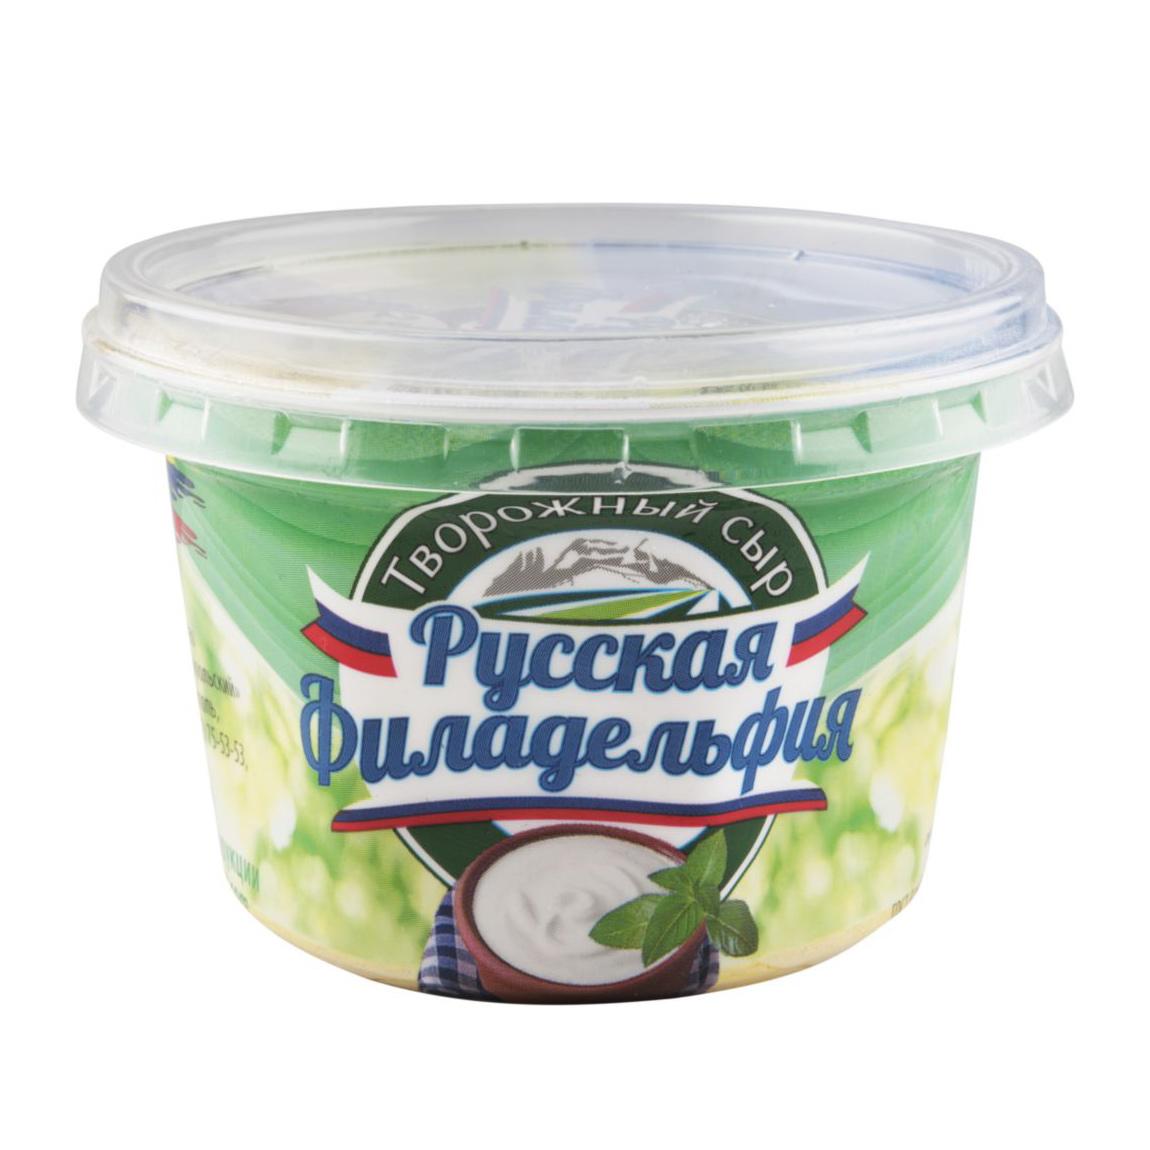 Творожный сыр Русская Филадельфия 55% 200 г